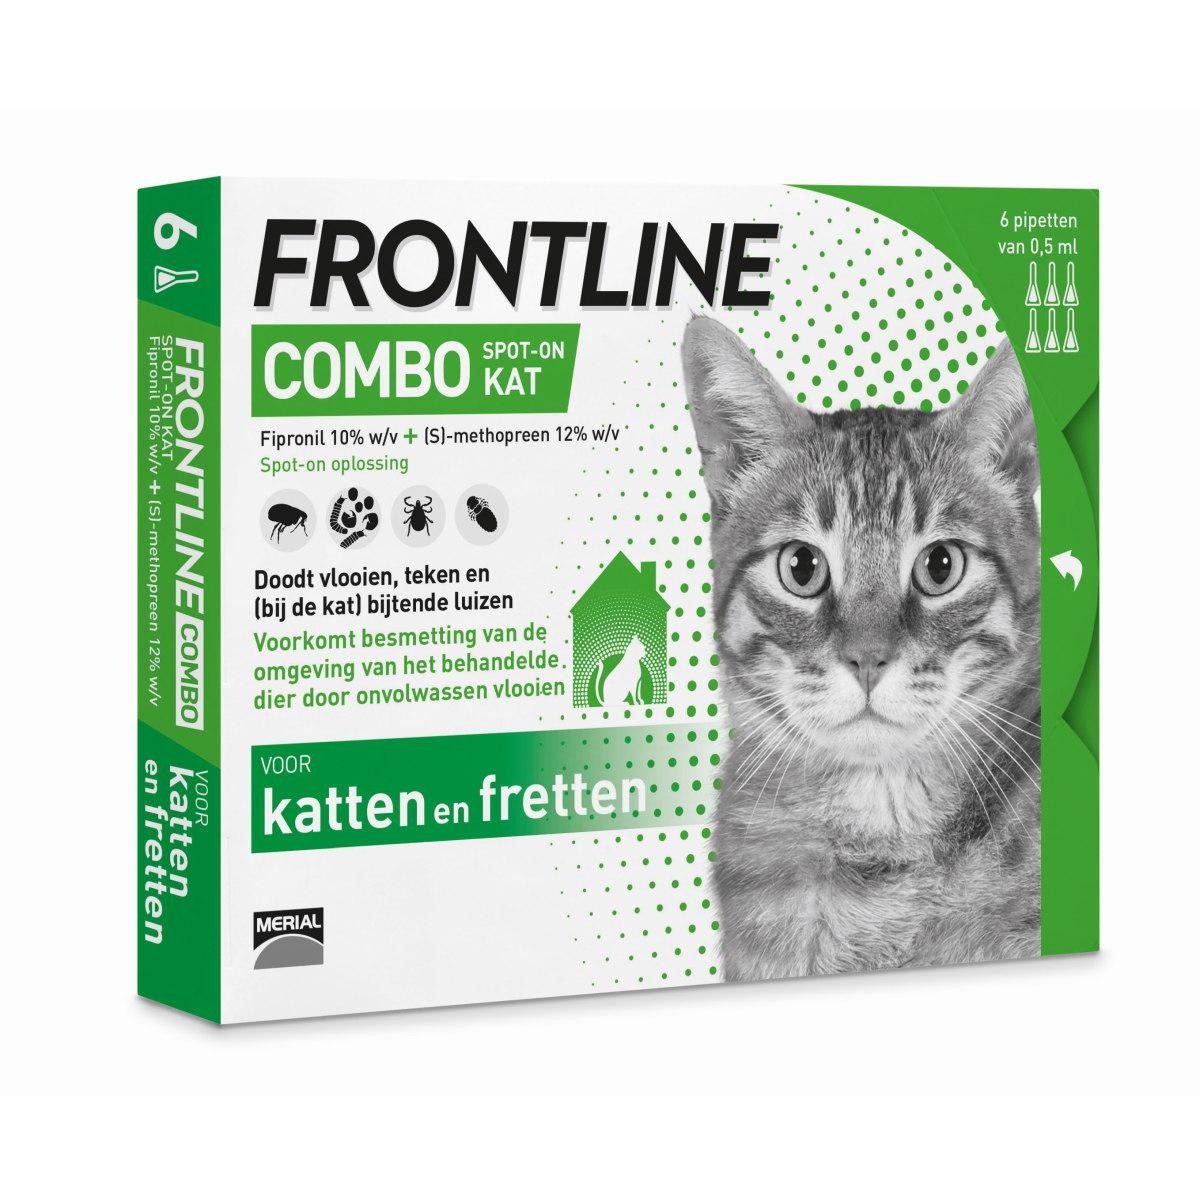 FRONTLINE COMBO KAT/FRET 6PIP 00001